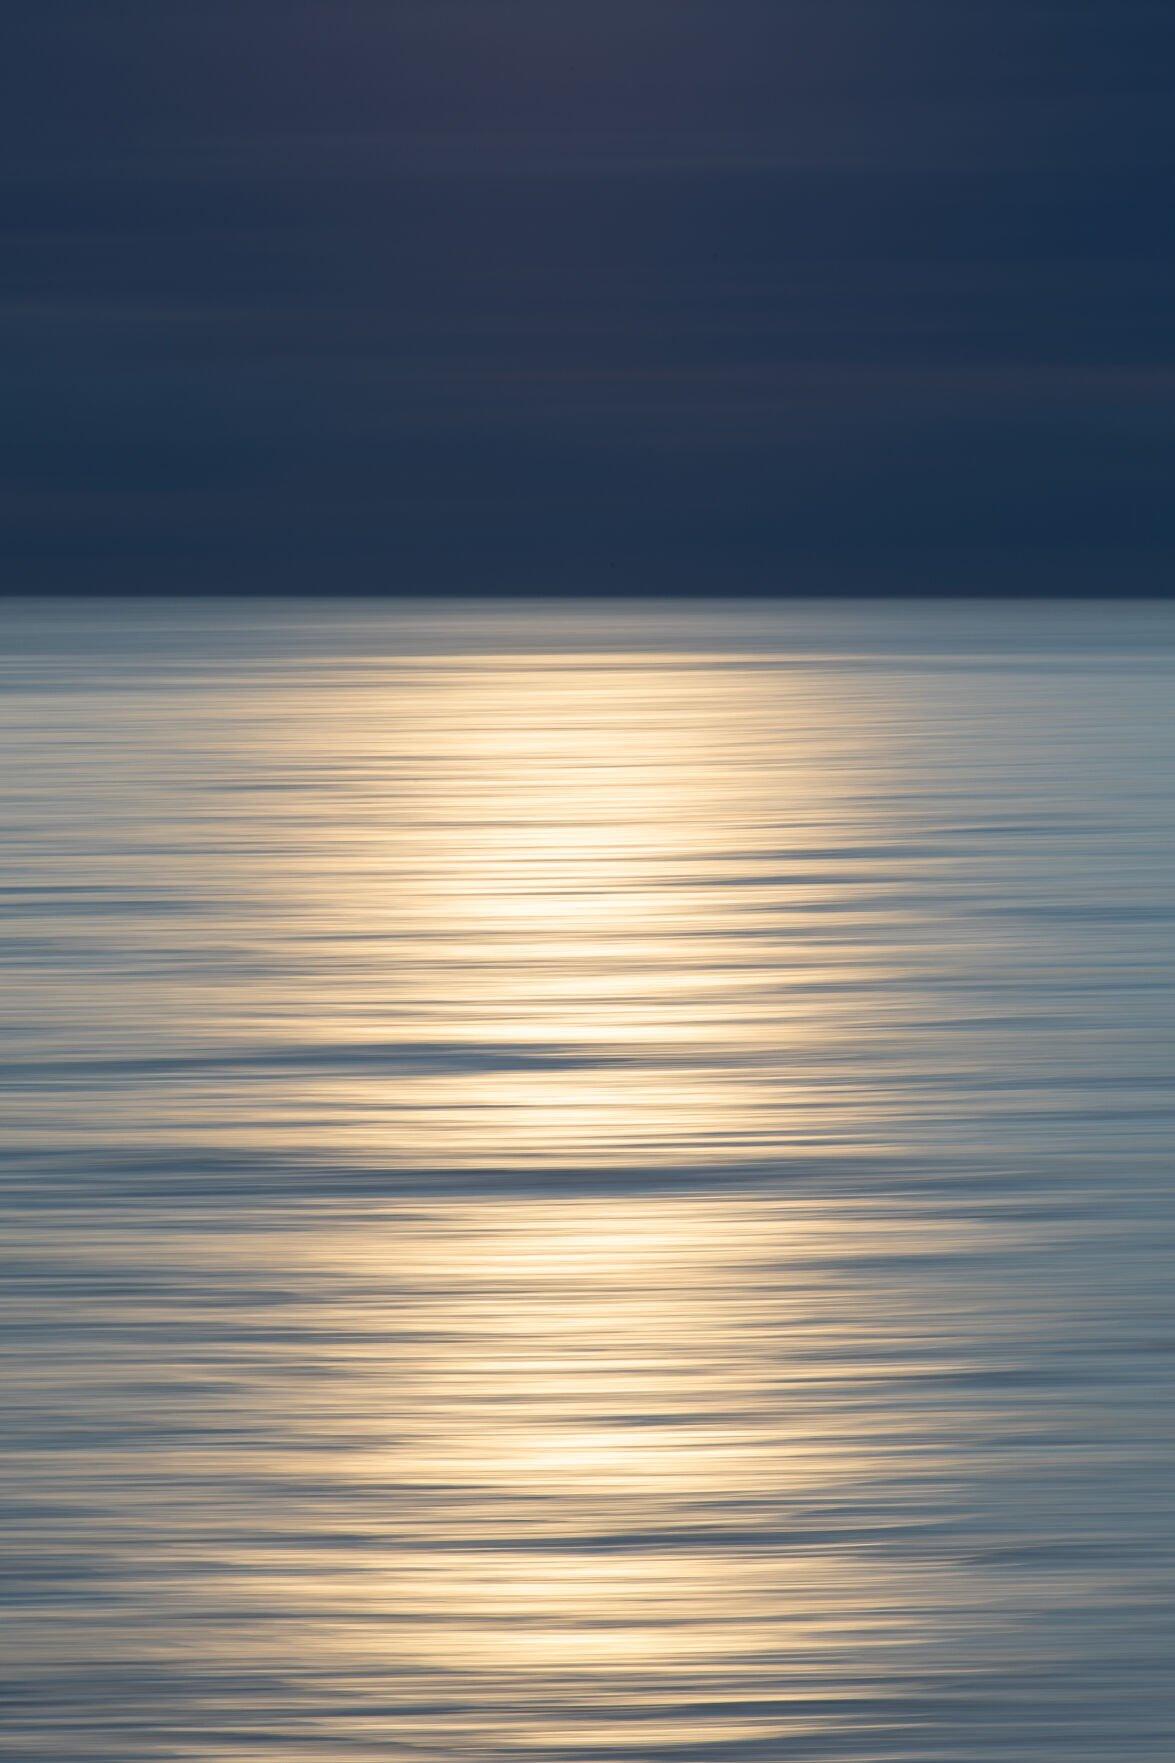 Bodega Head Reflection